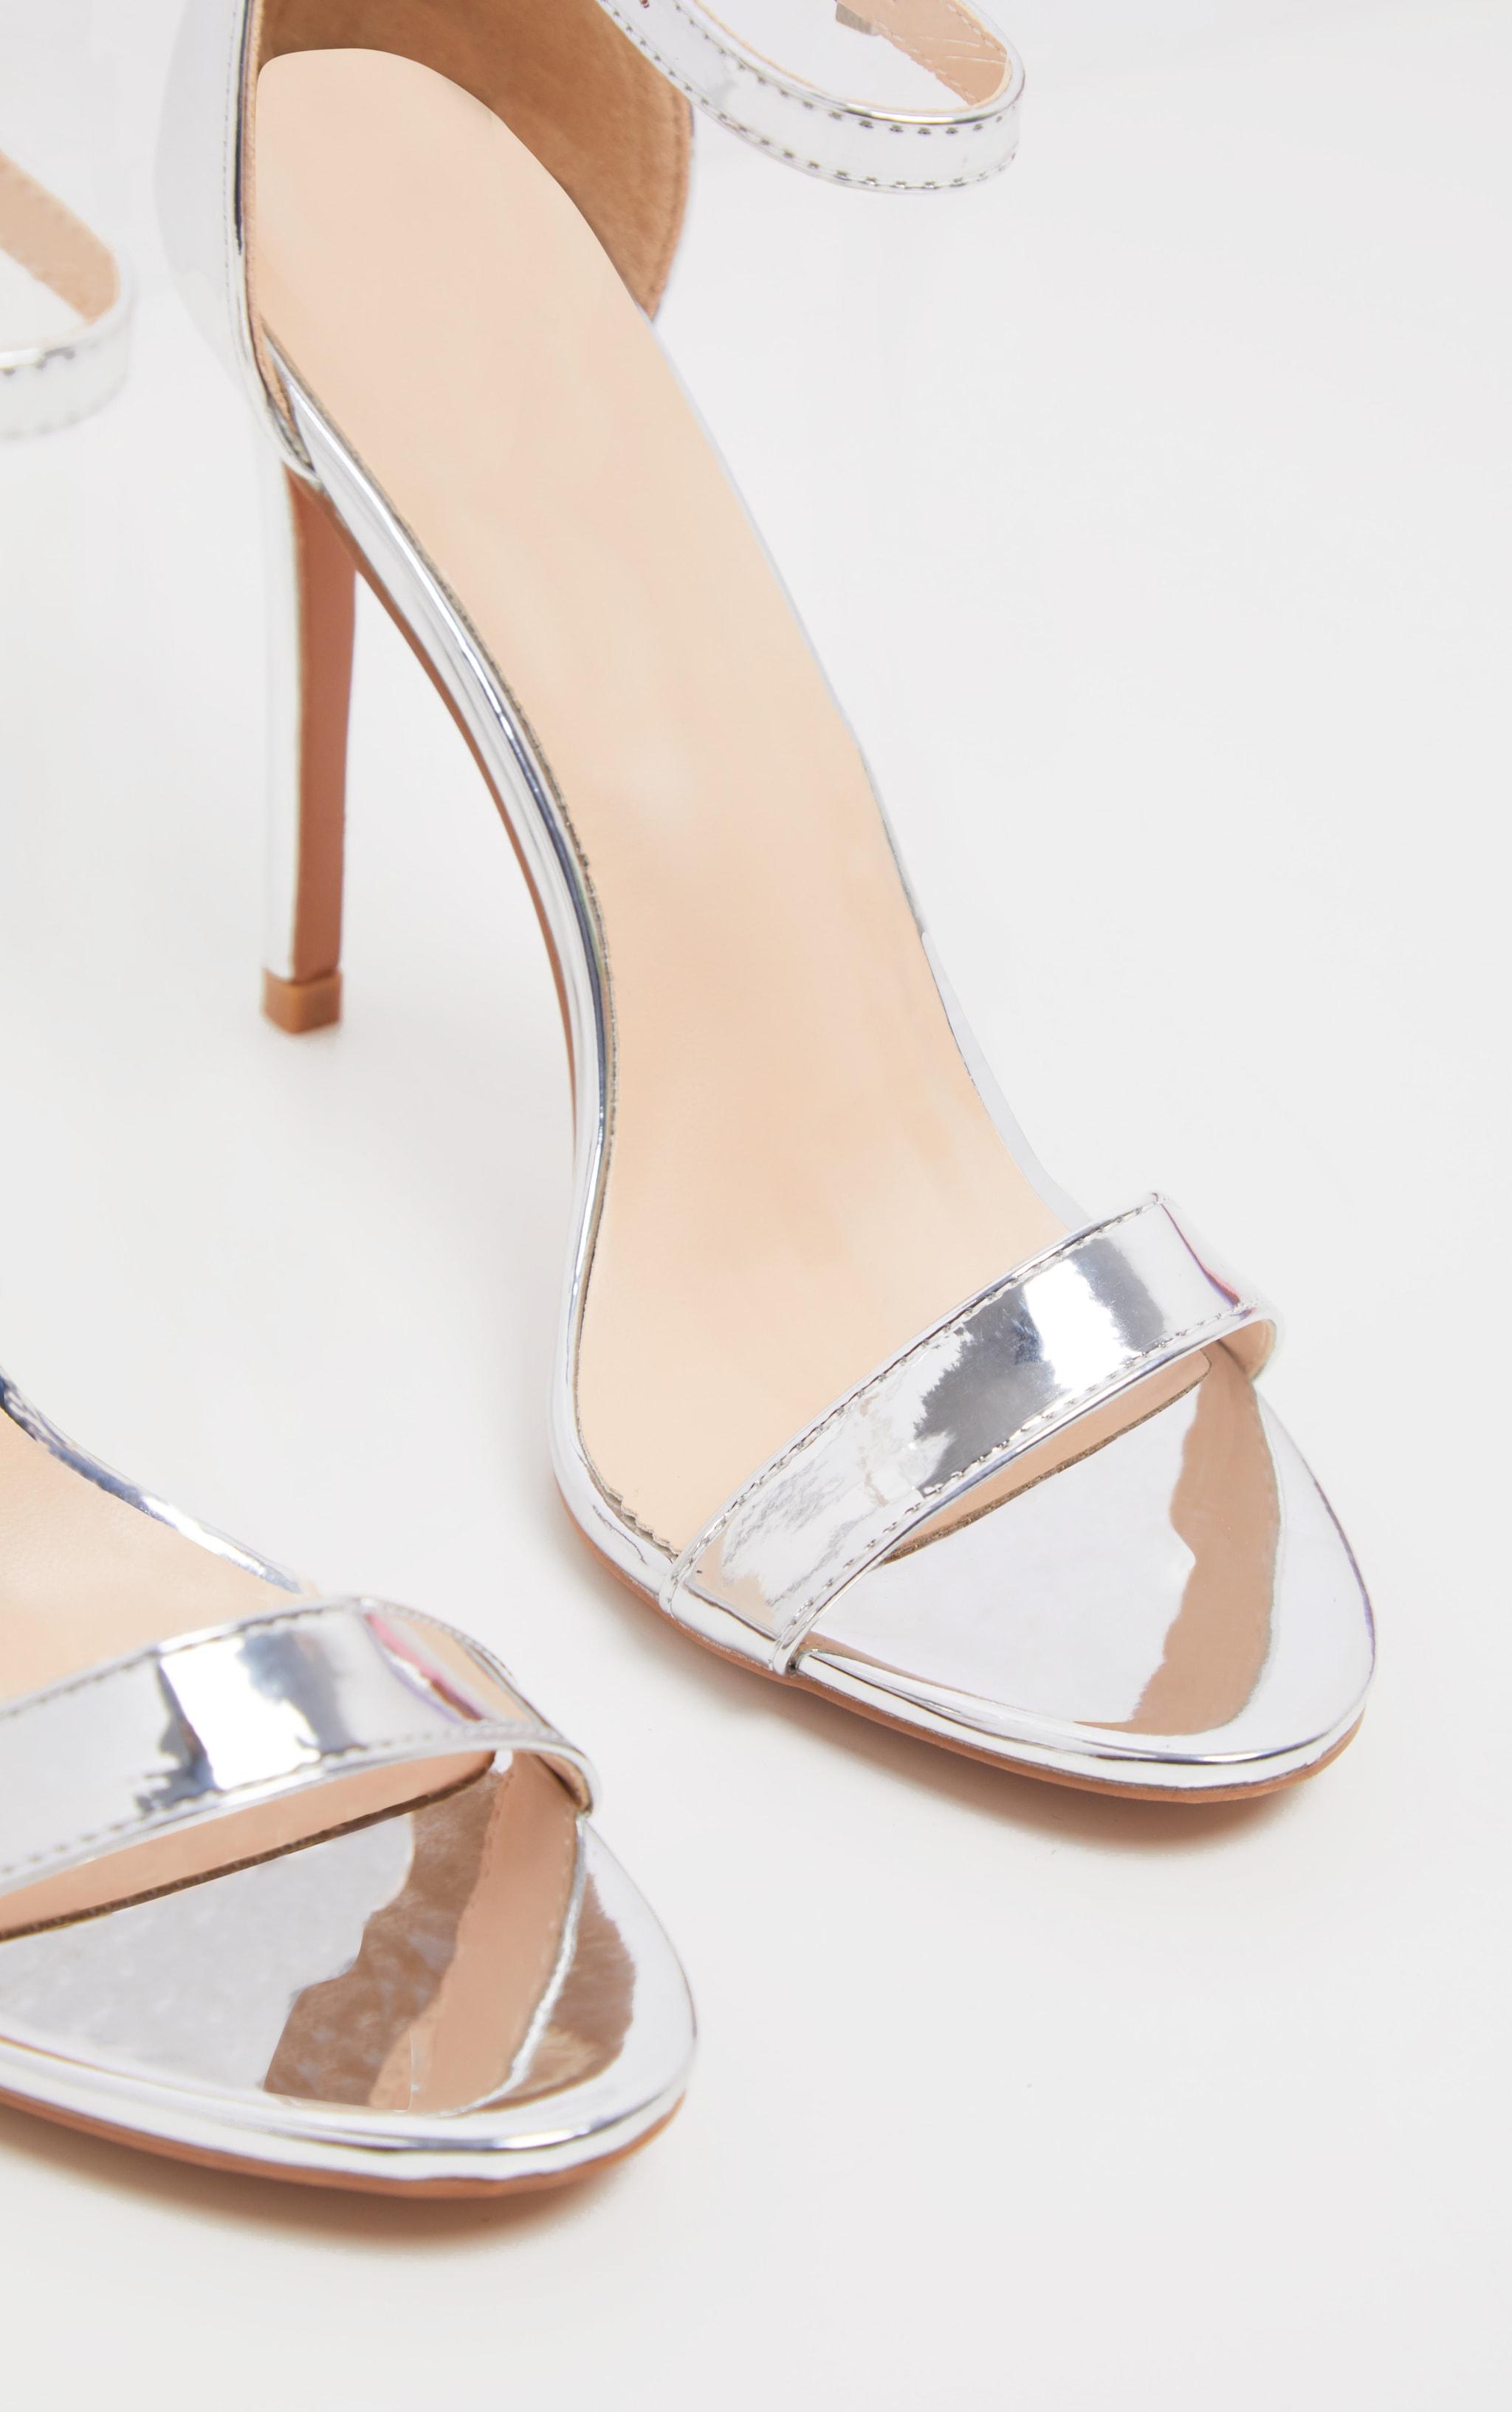 Sandales à talons & bride argentées métallisées 3